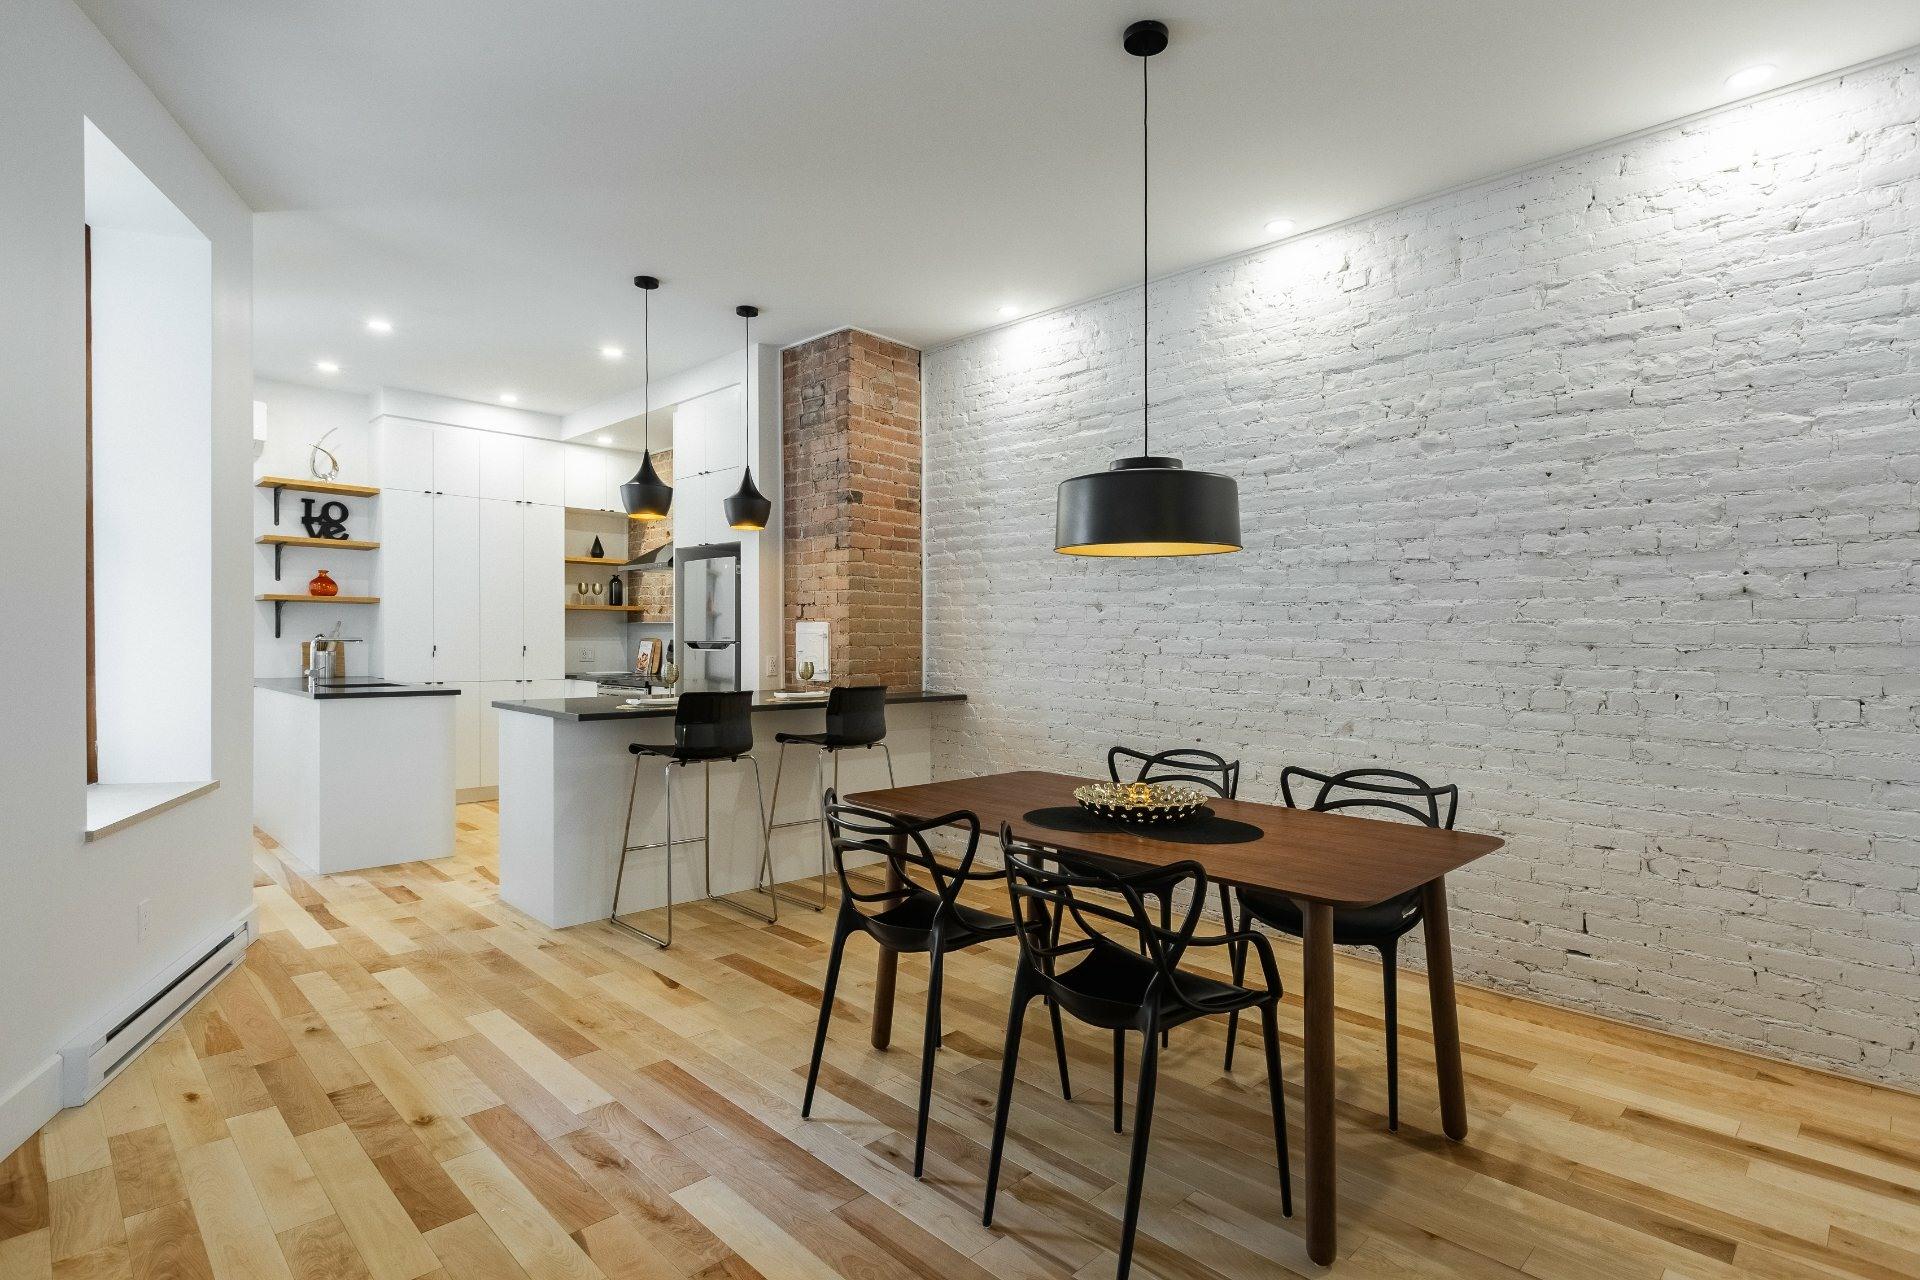 image 3 - Appartement À louer Montréal Le Plateau-Mont-Royal  - 9 pièces